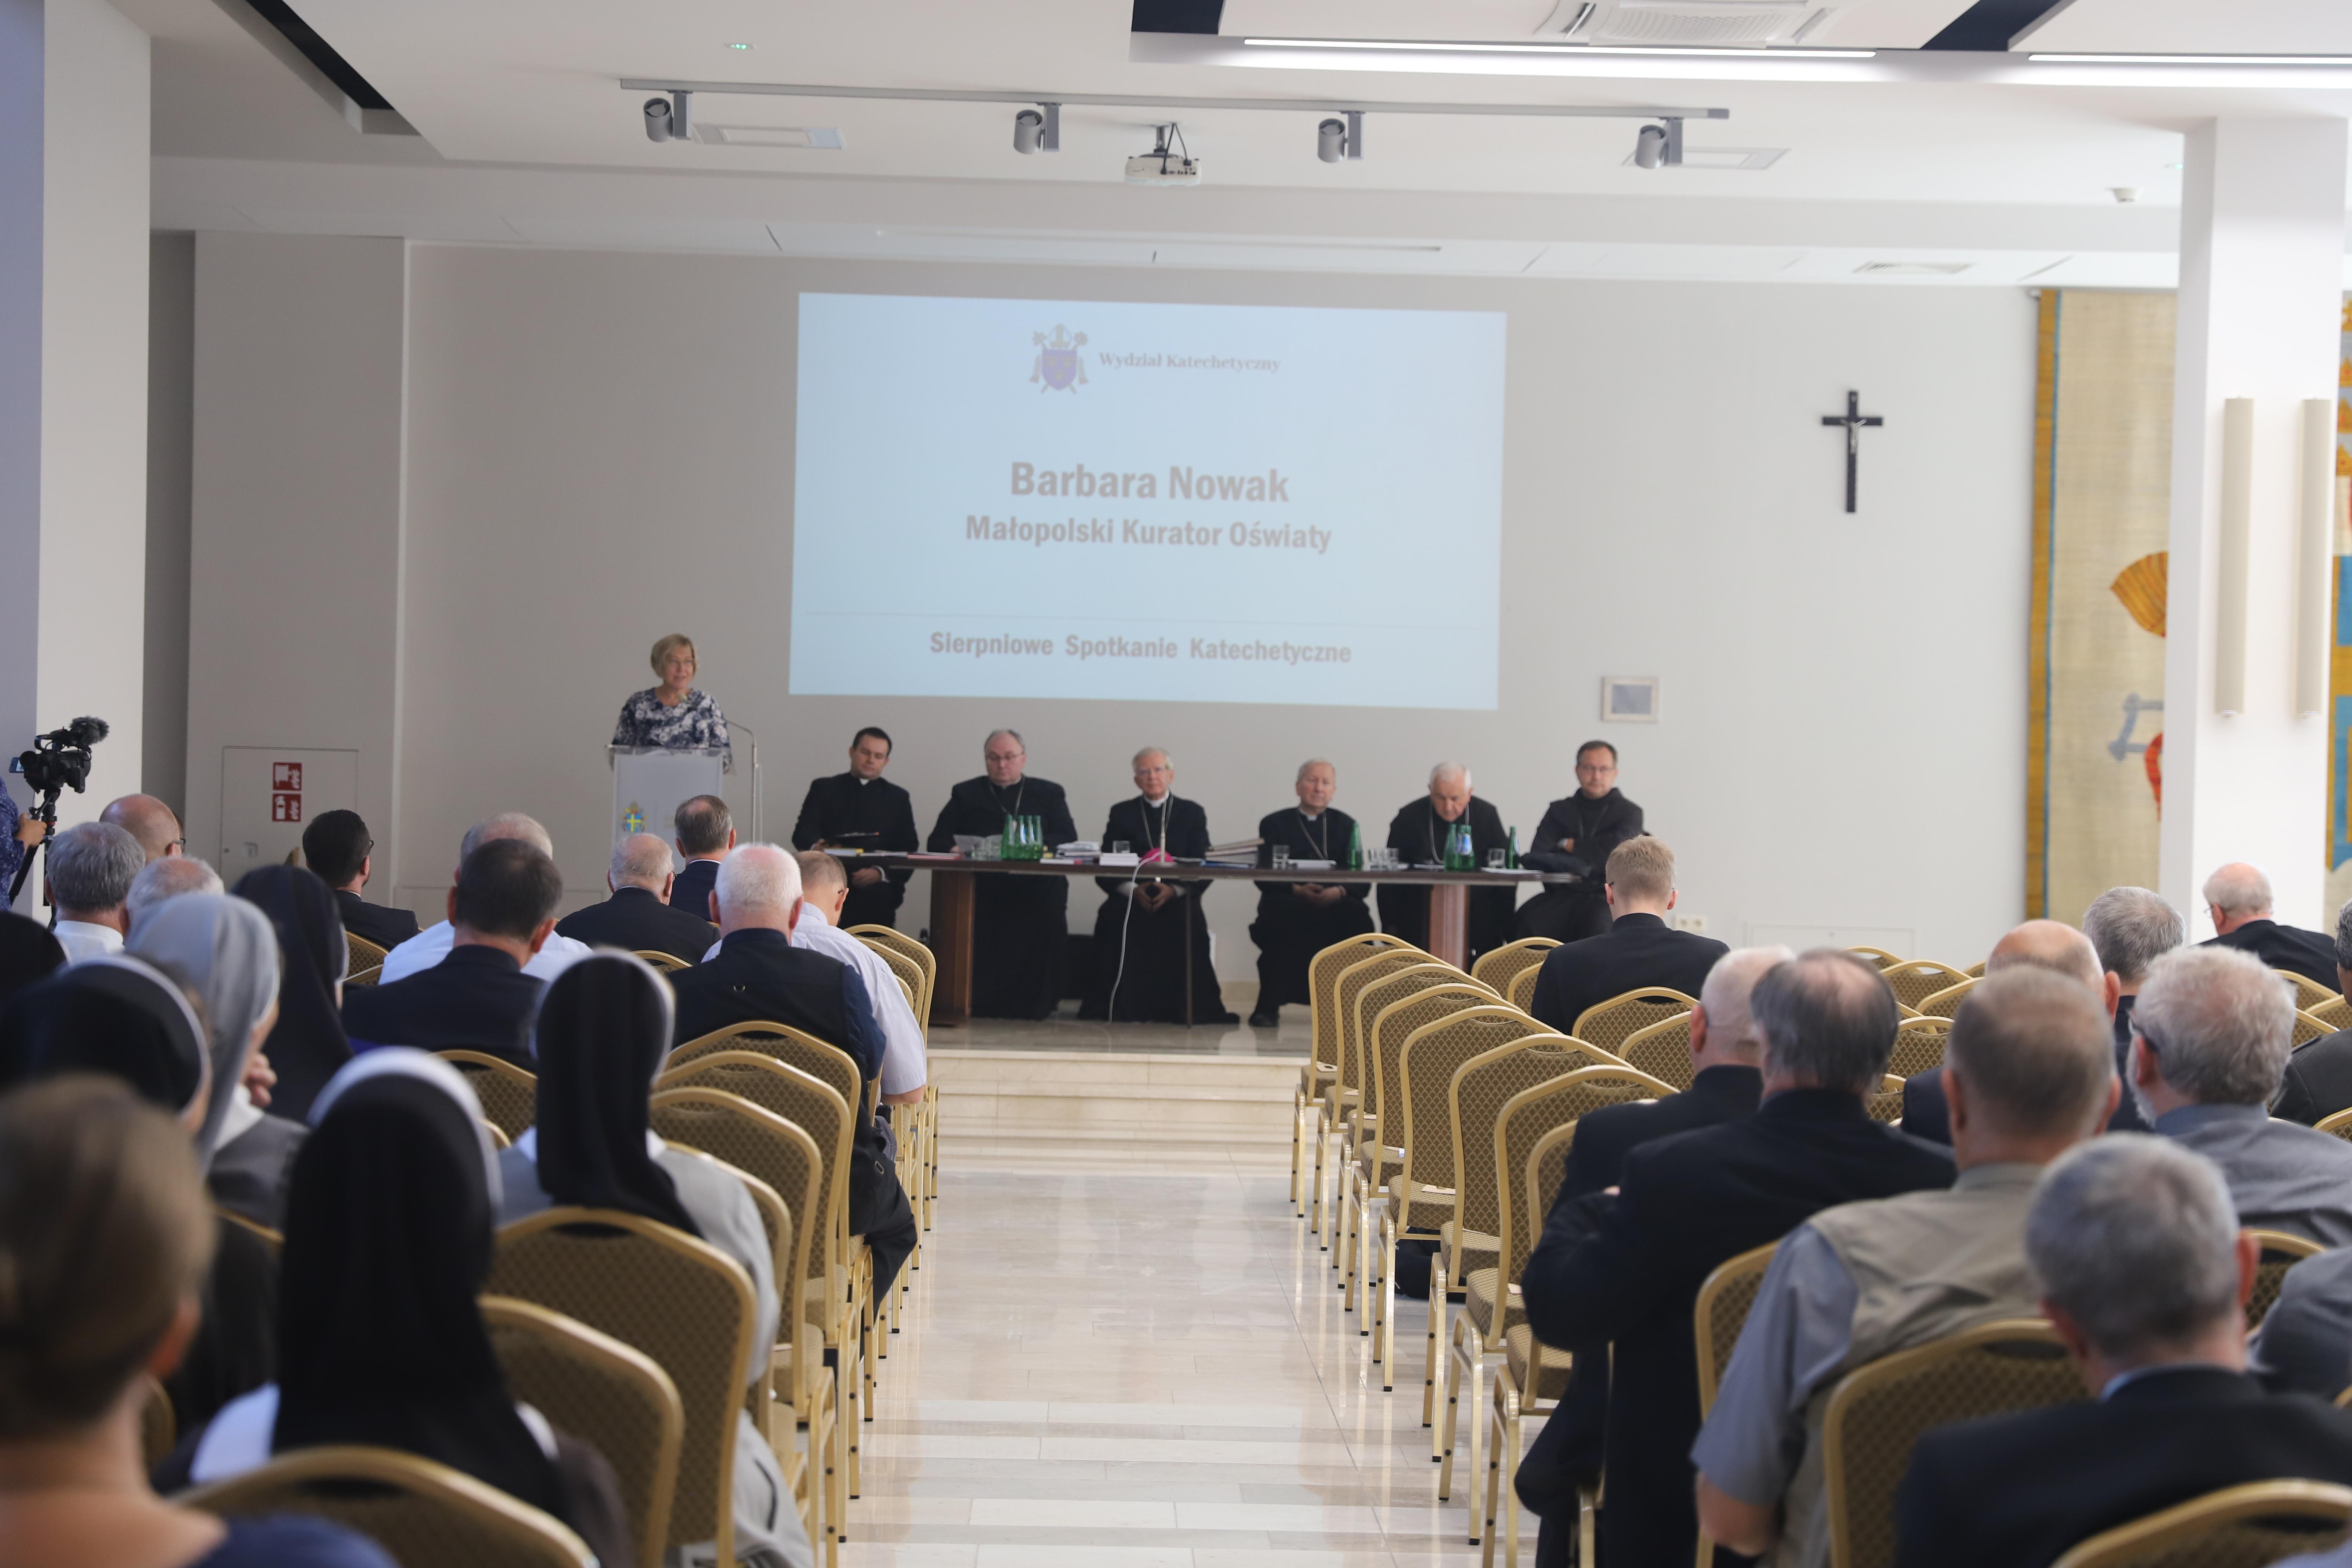 """Dni Katechetyczne, """"Misje i odpowiedzialność w katechezie szkolnej i parafialnej"""""""